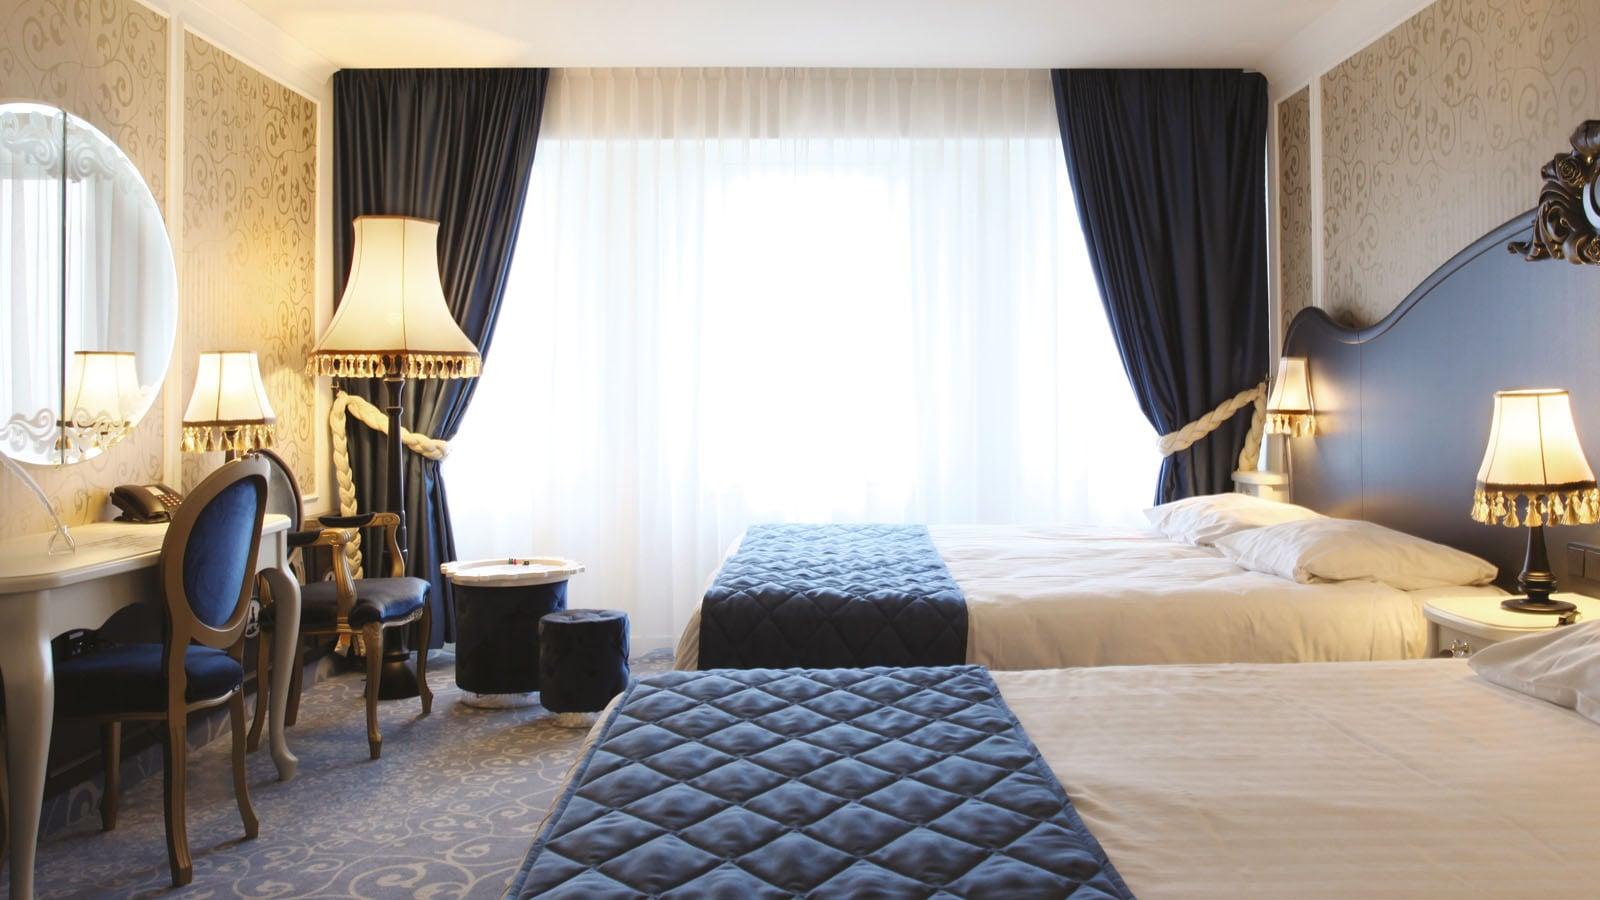 comfortkamer 4 persoons efteling hotel